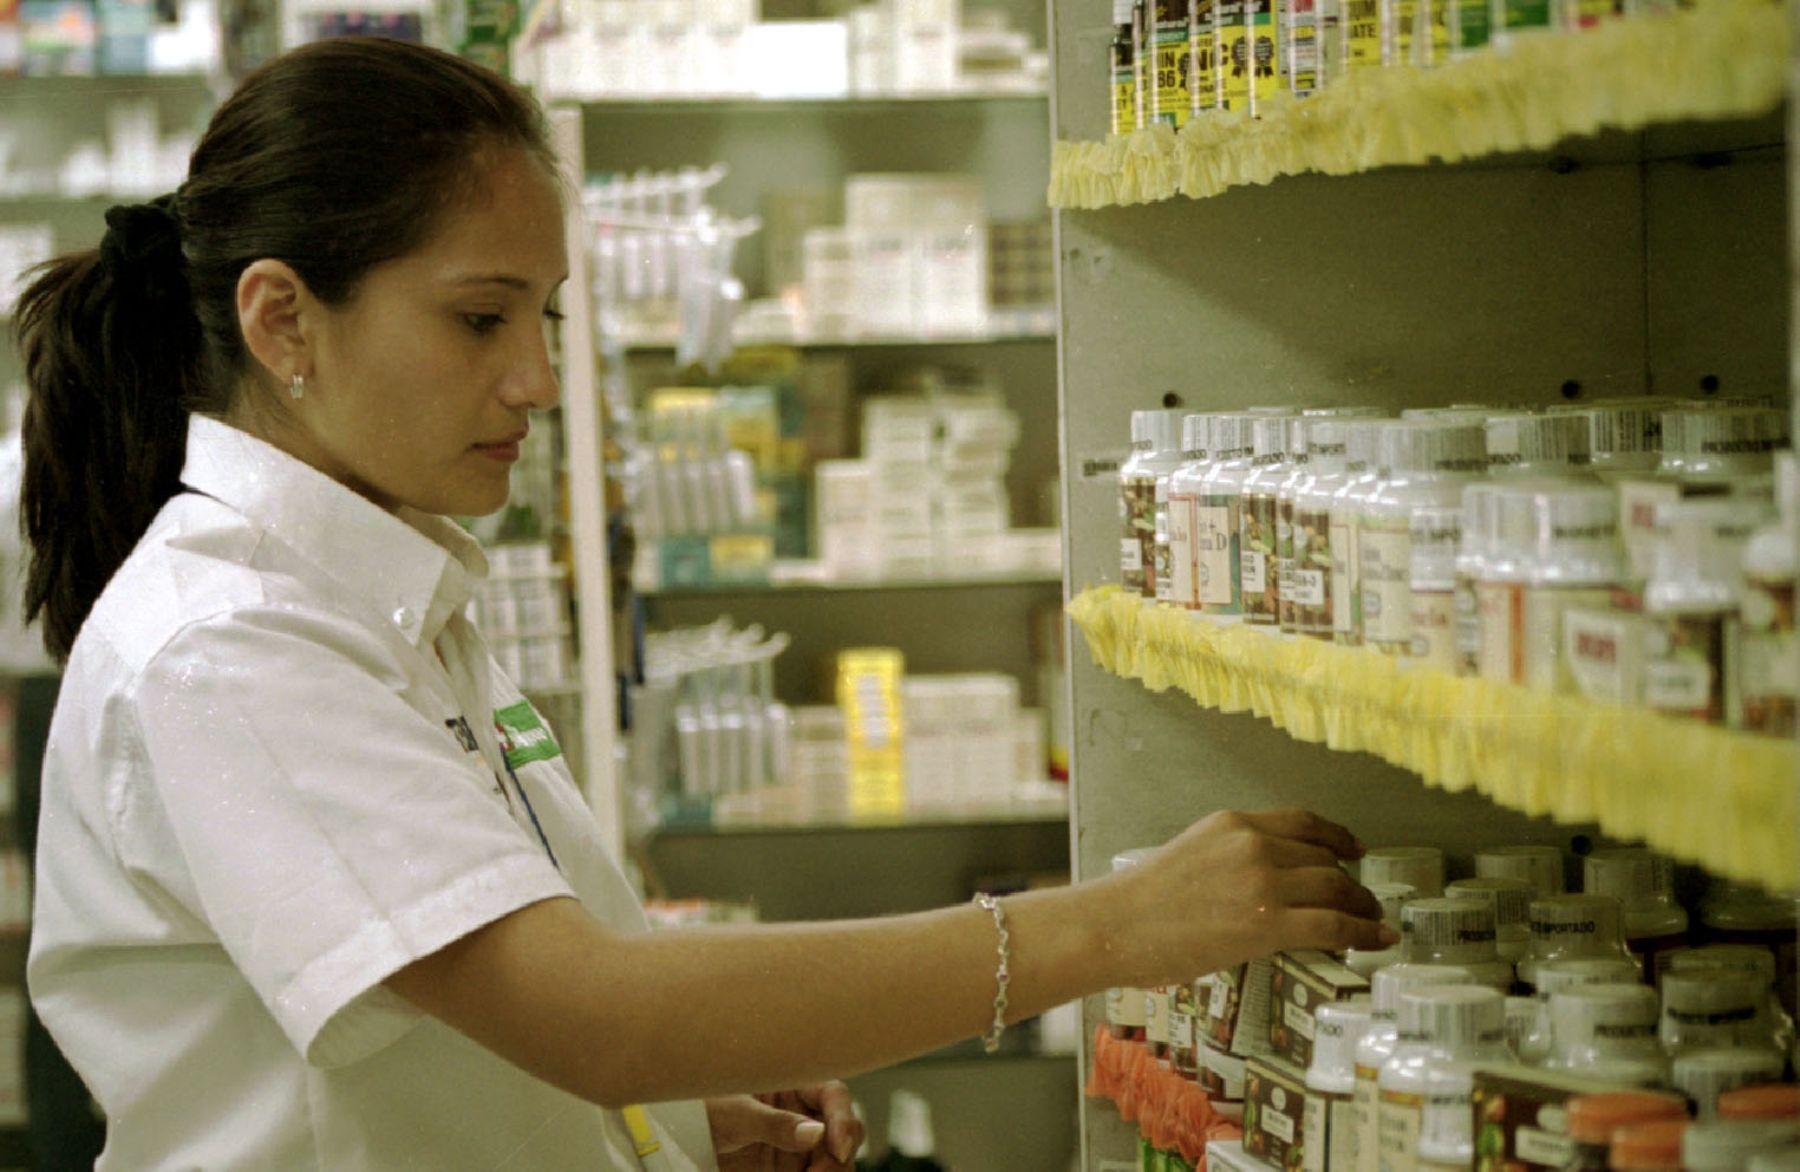 Información sobre la demanda de amparo contra el monopolio farmacéutico del grupo InRetail Pharma S.A